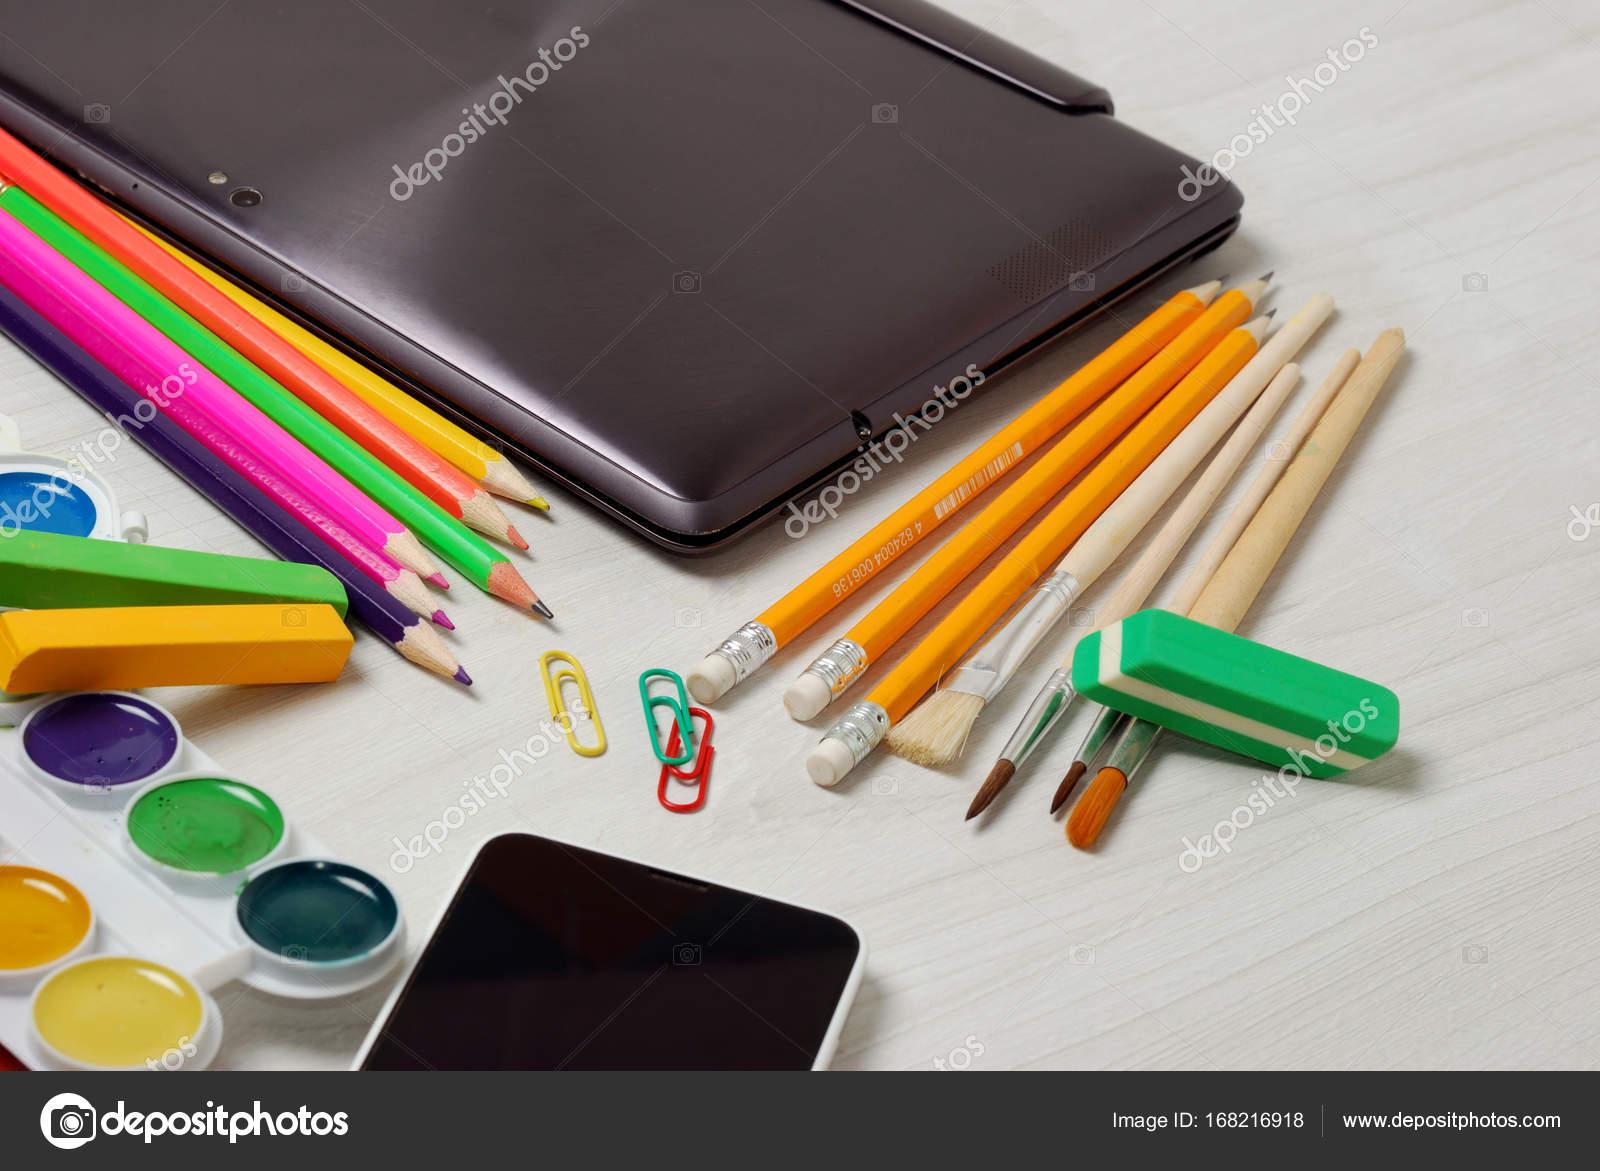 Fournitures de bureau scolaire ou étudiant fermé pour ordinateur